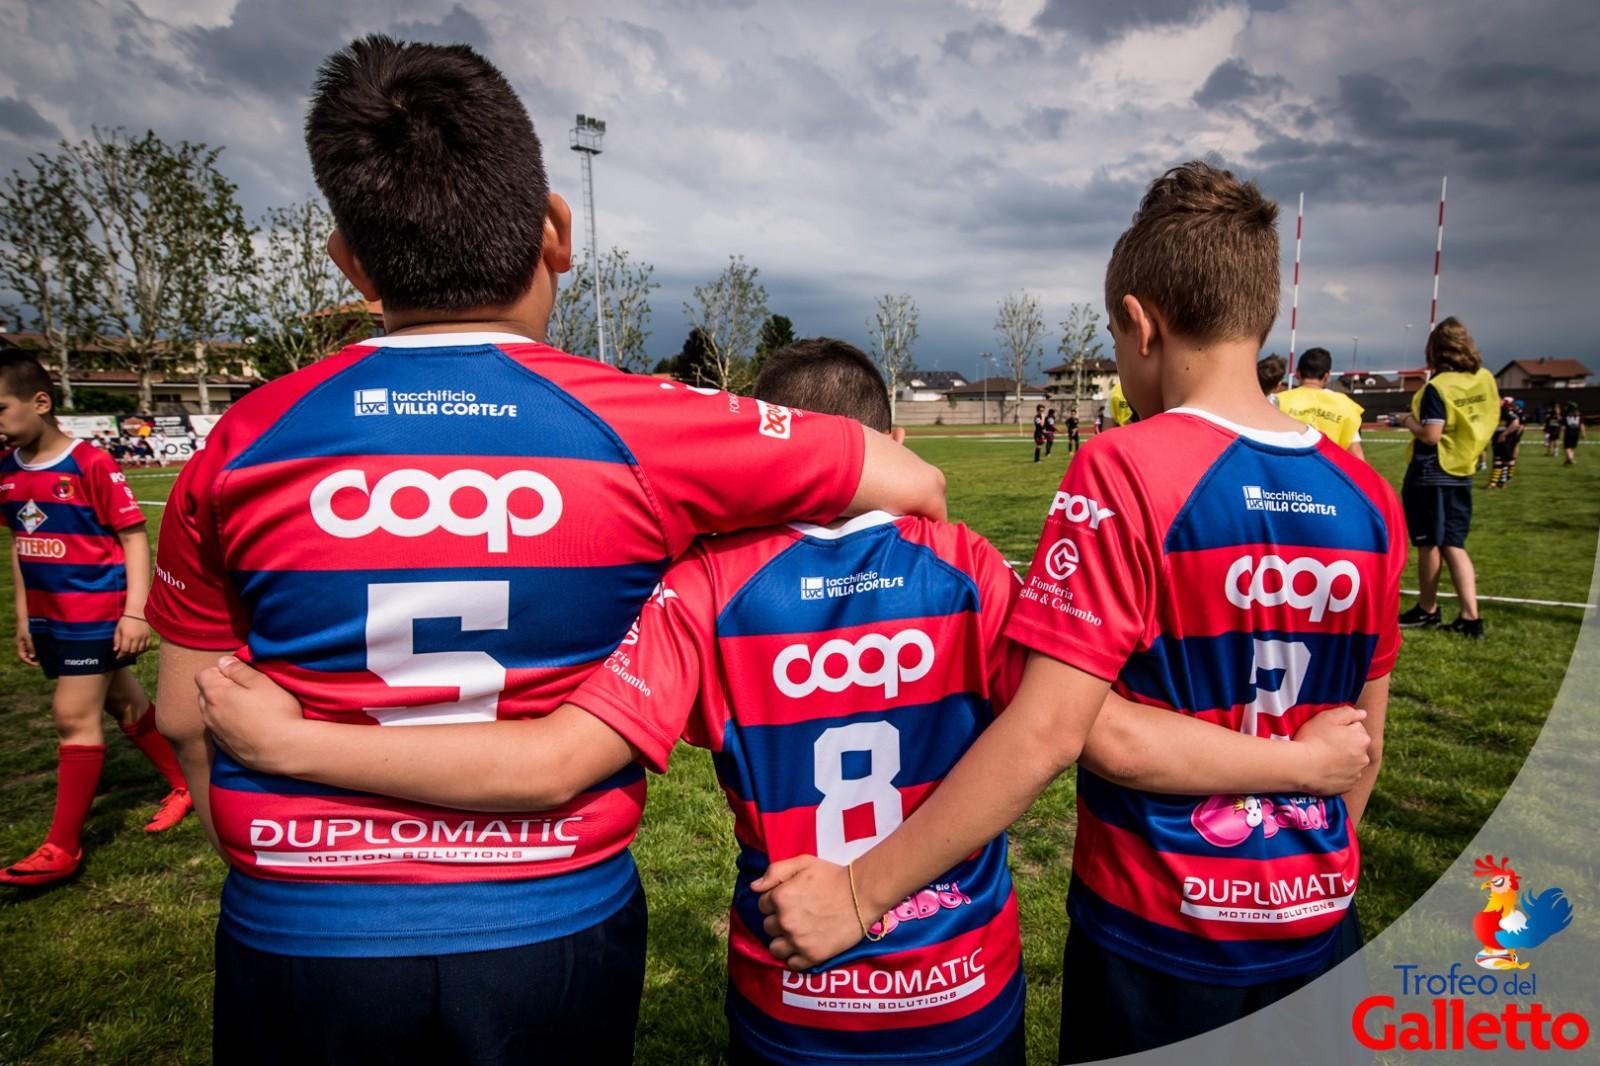 trofeo-galletto-2019-rugby-parabiago-2